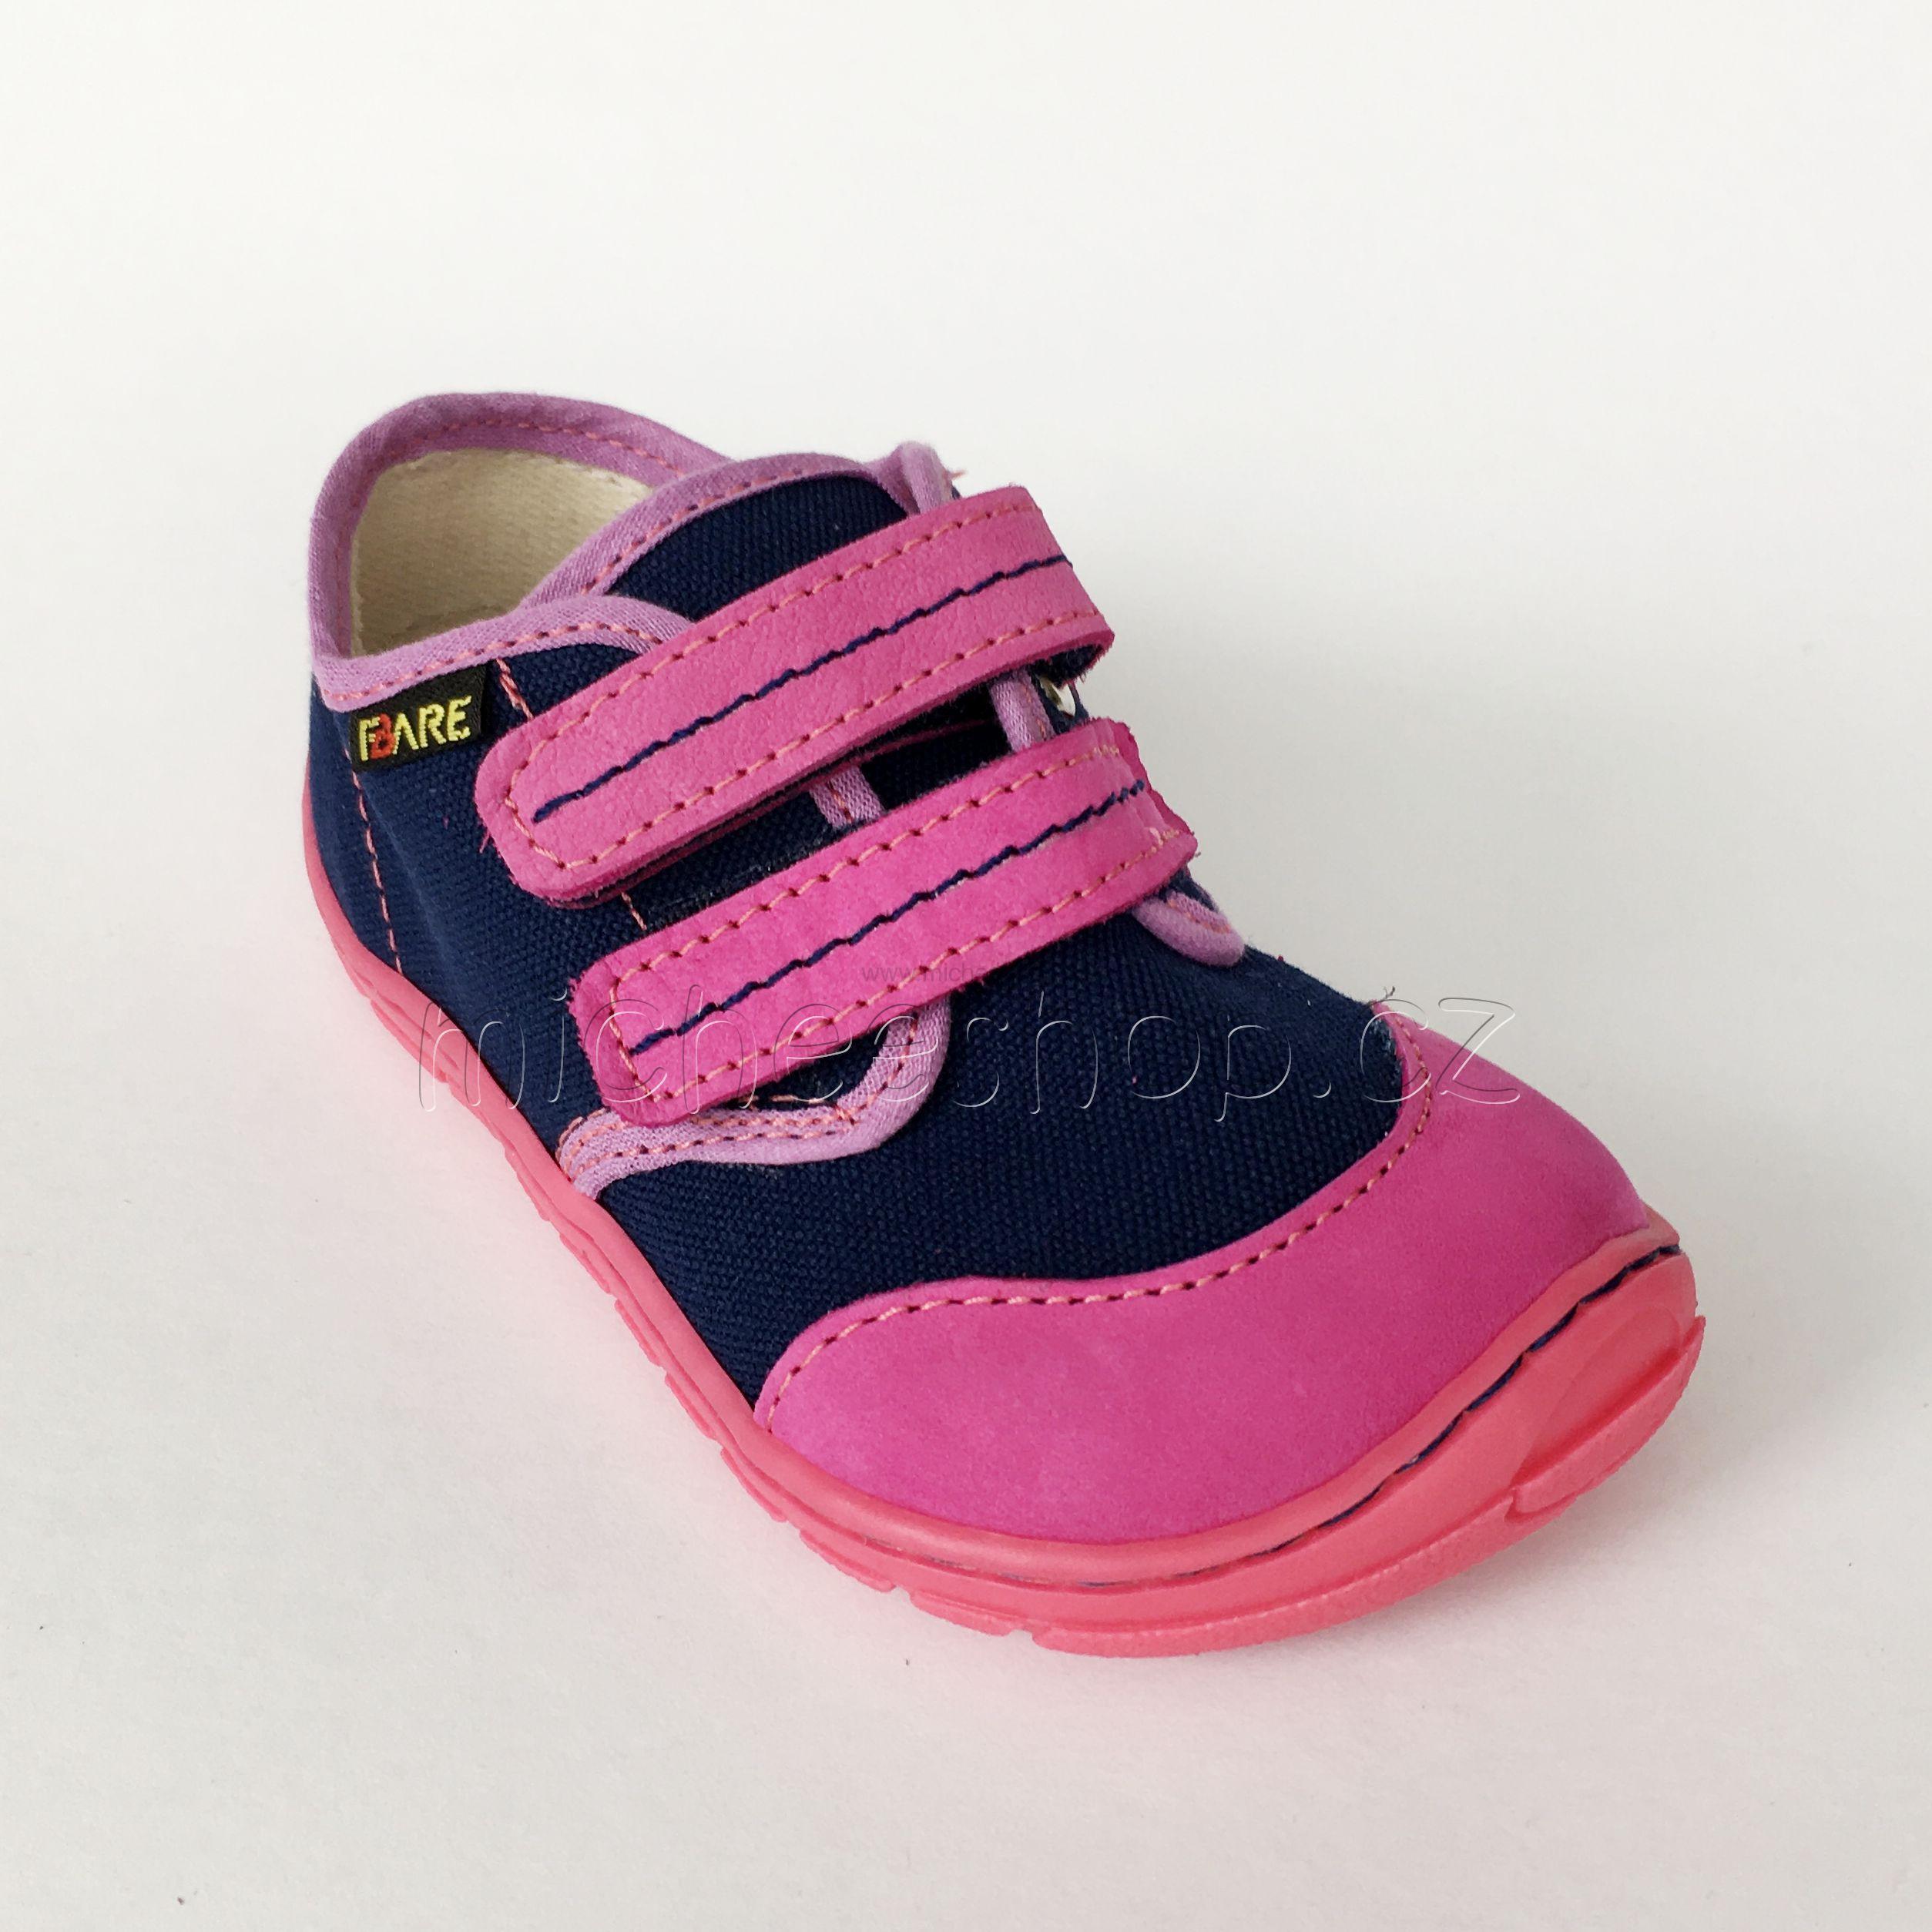 ee761b519a Fare Bare dětské tenisky modrá růžová